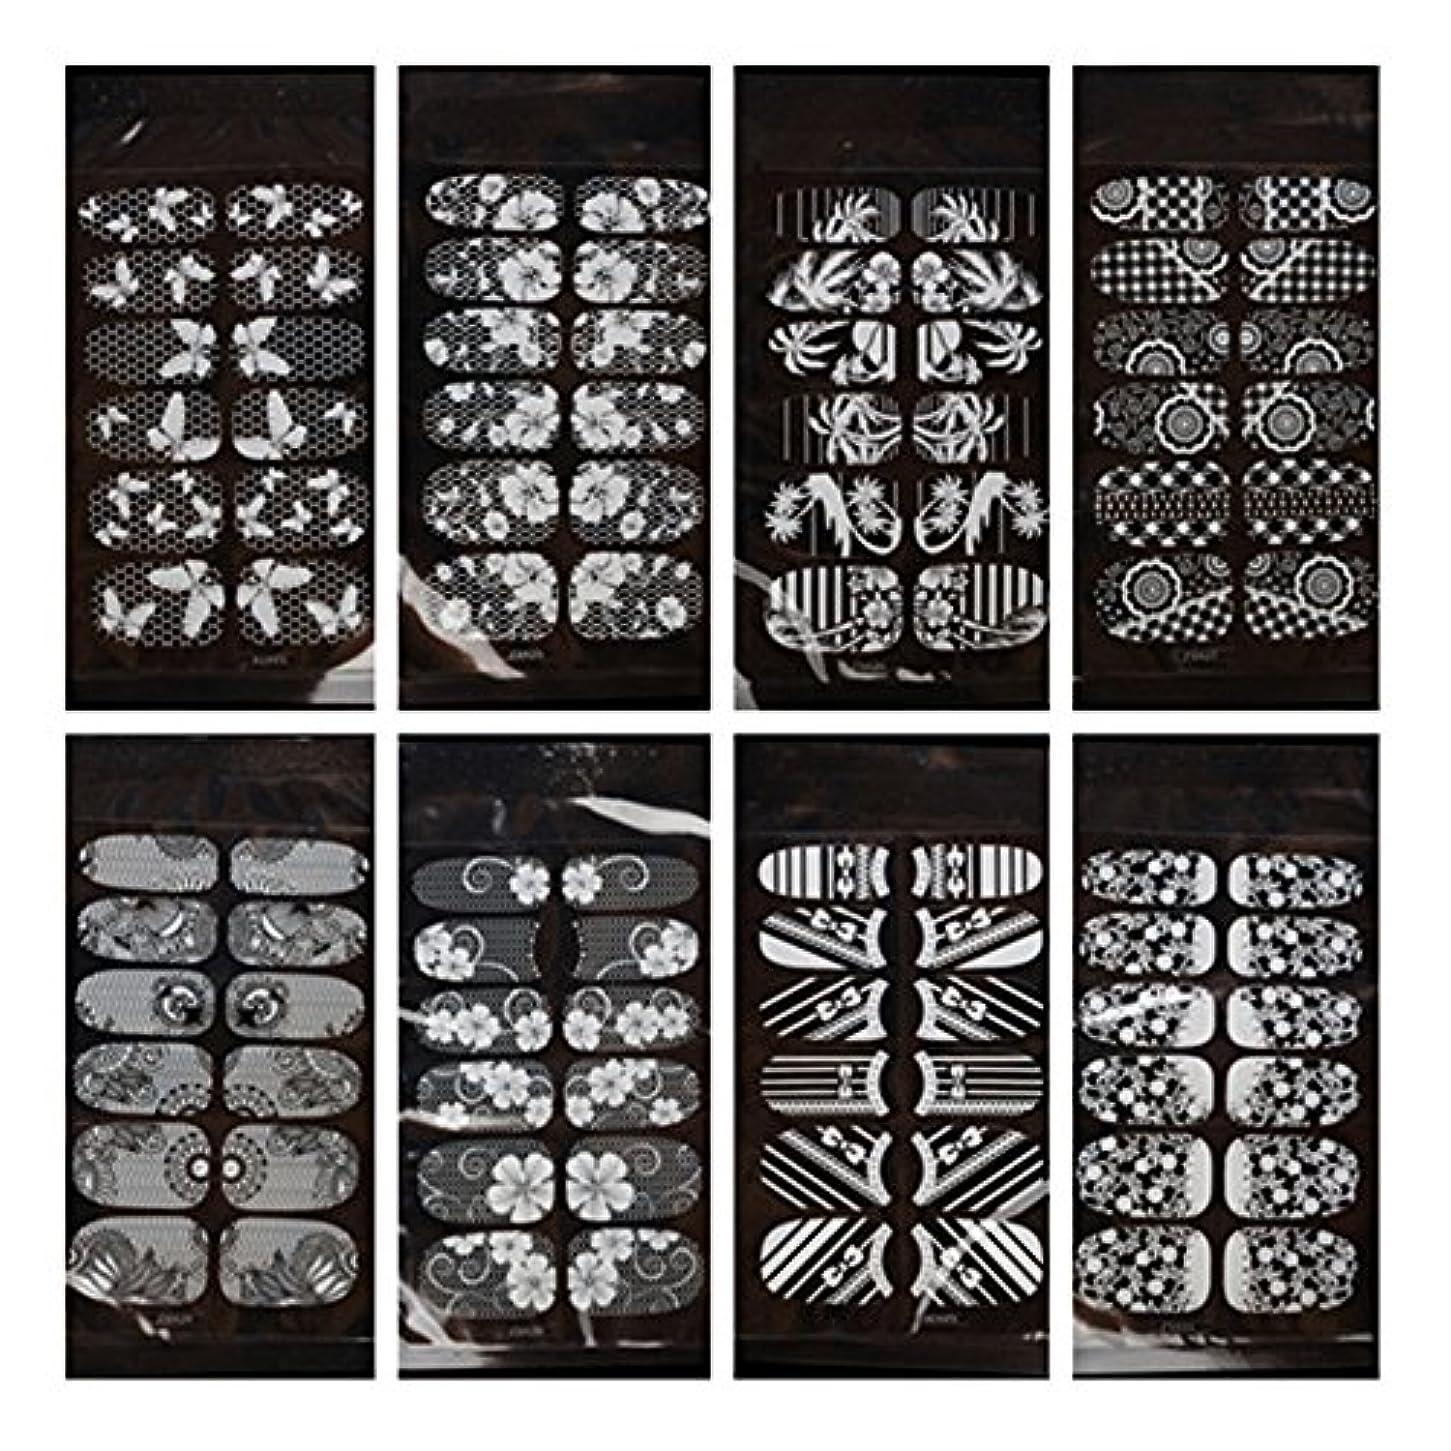 矩形注ぎます追加する8枚セット花柄ネイルシール ネイルステッカー セット 貼るだけマニキュア 白色 透明 (Aセット)